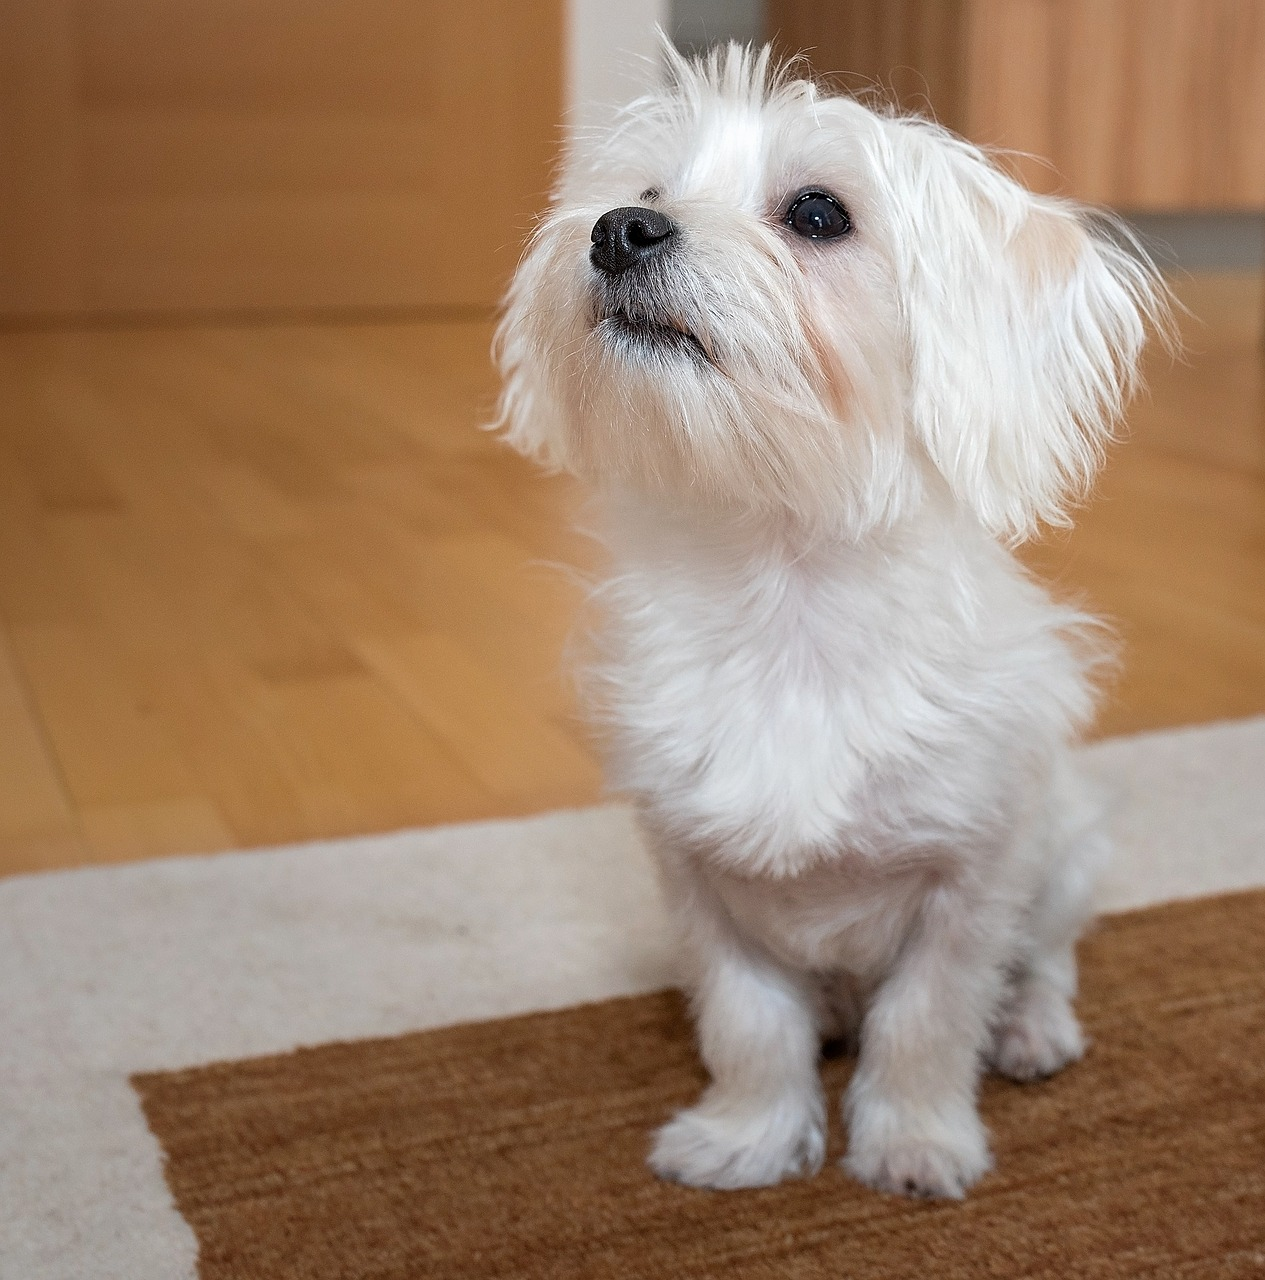 malteser hund charakter und wesen ansprechbar gutmuetig neugierig treu intelligent - Malteser Hund Charakter und Wesen